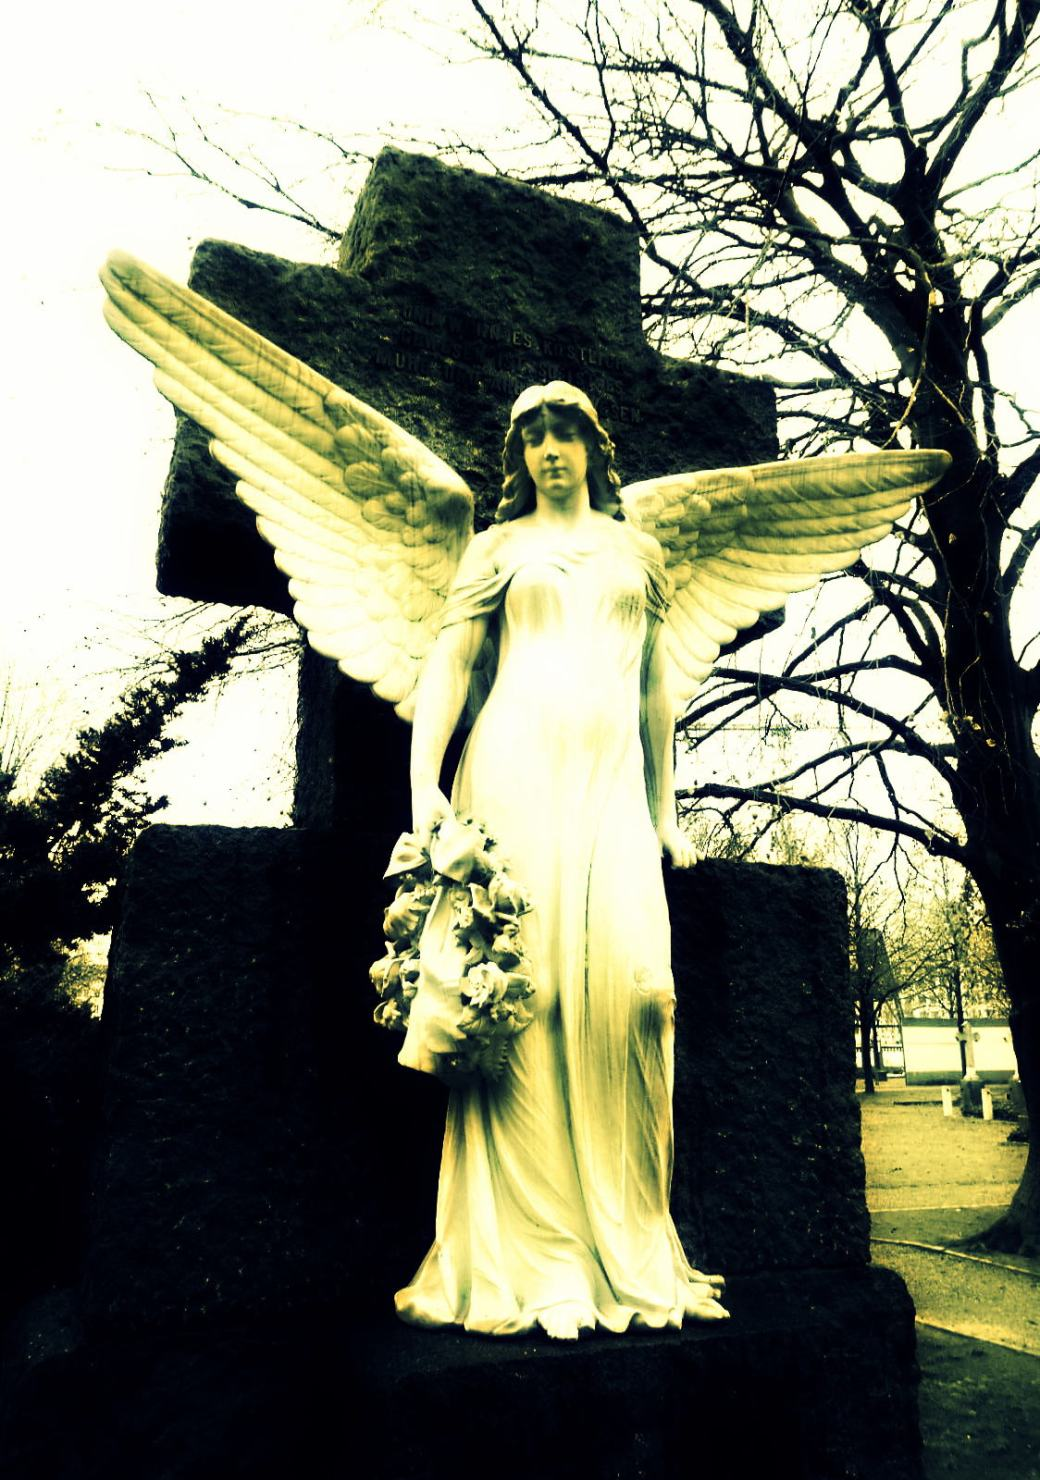 Engel in Groß